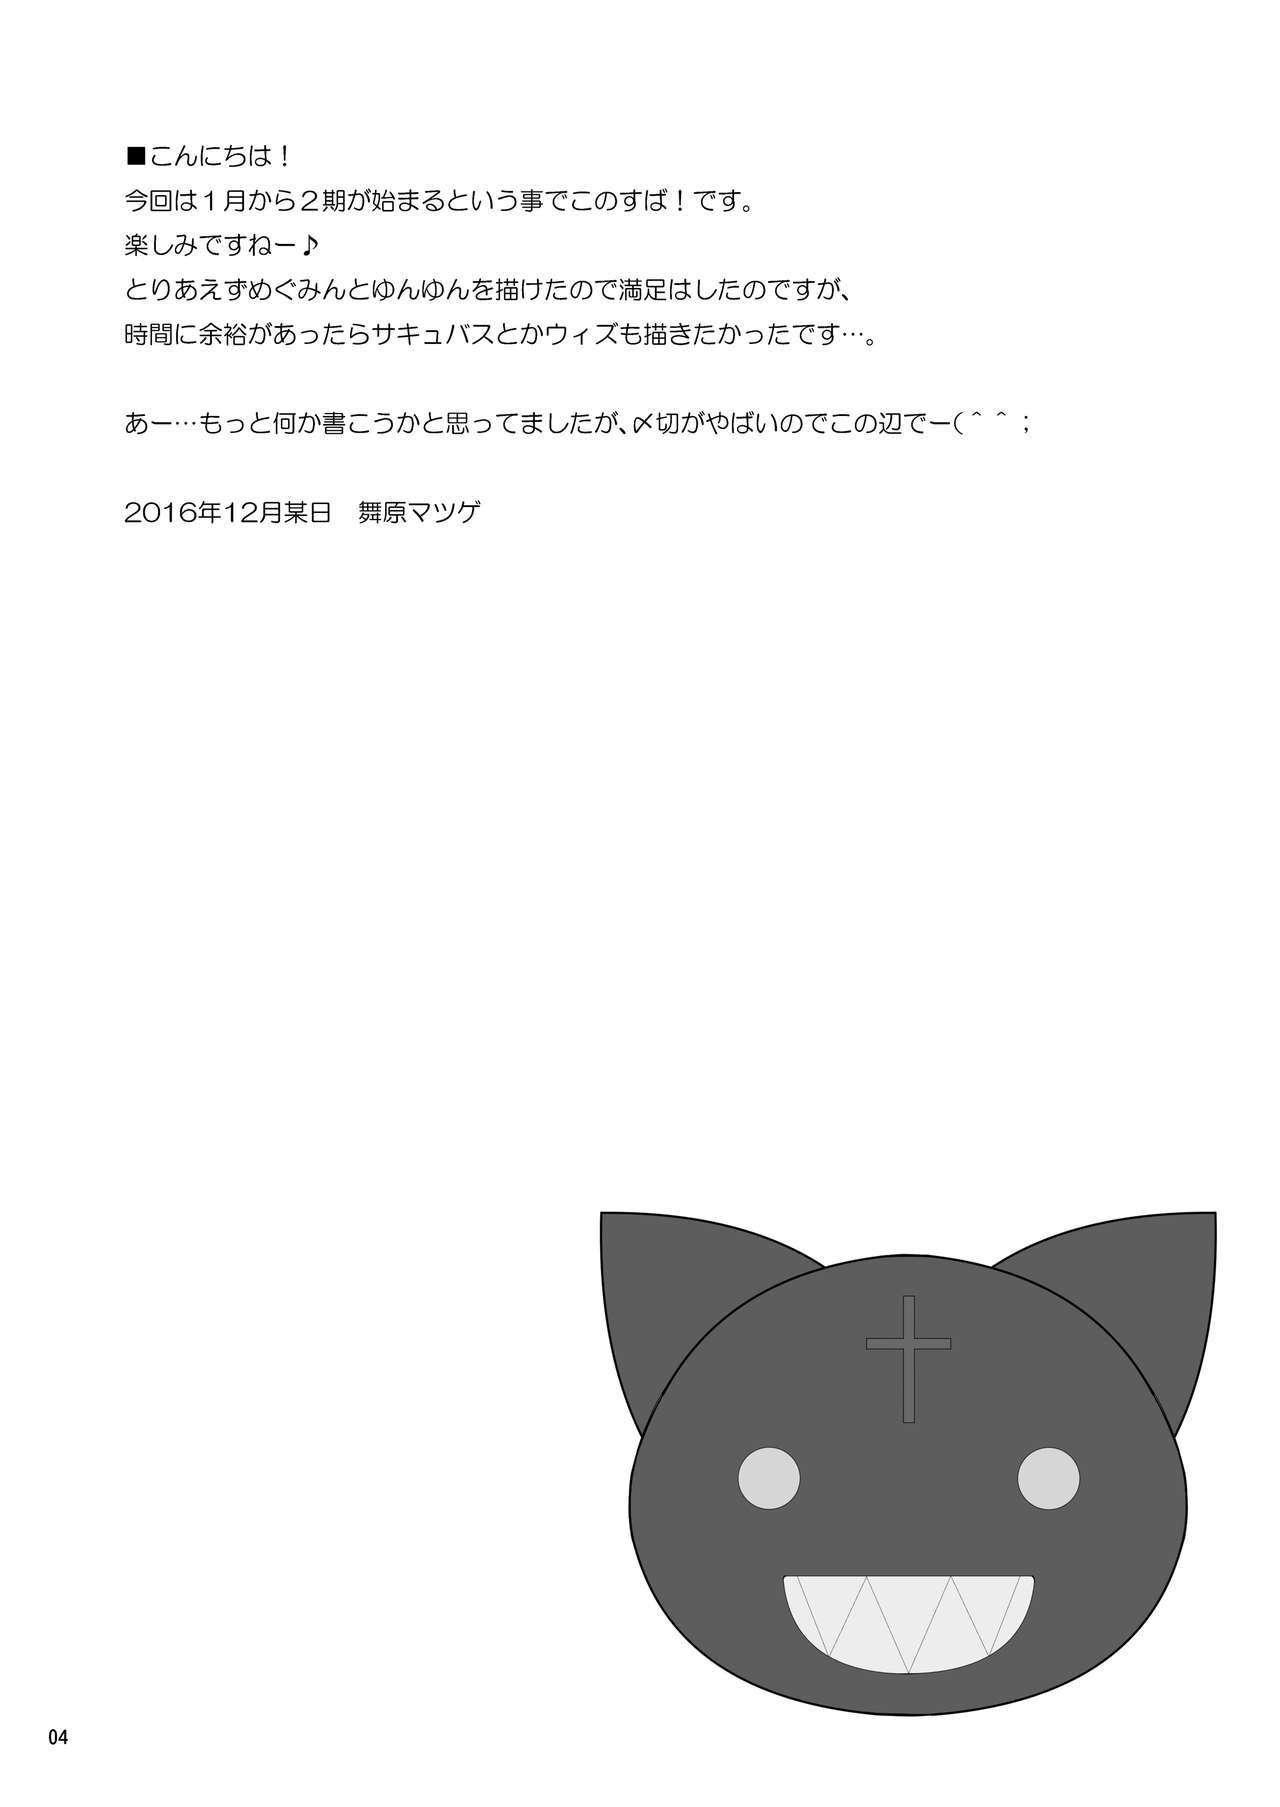 Kono Iyarashii Ekitai wa Nan desu ka? 2